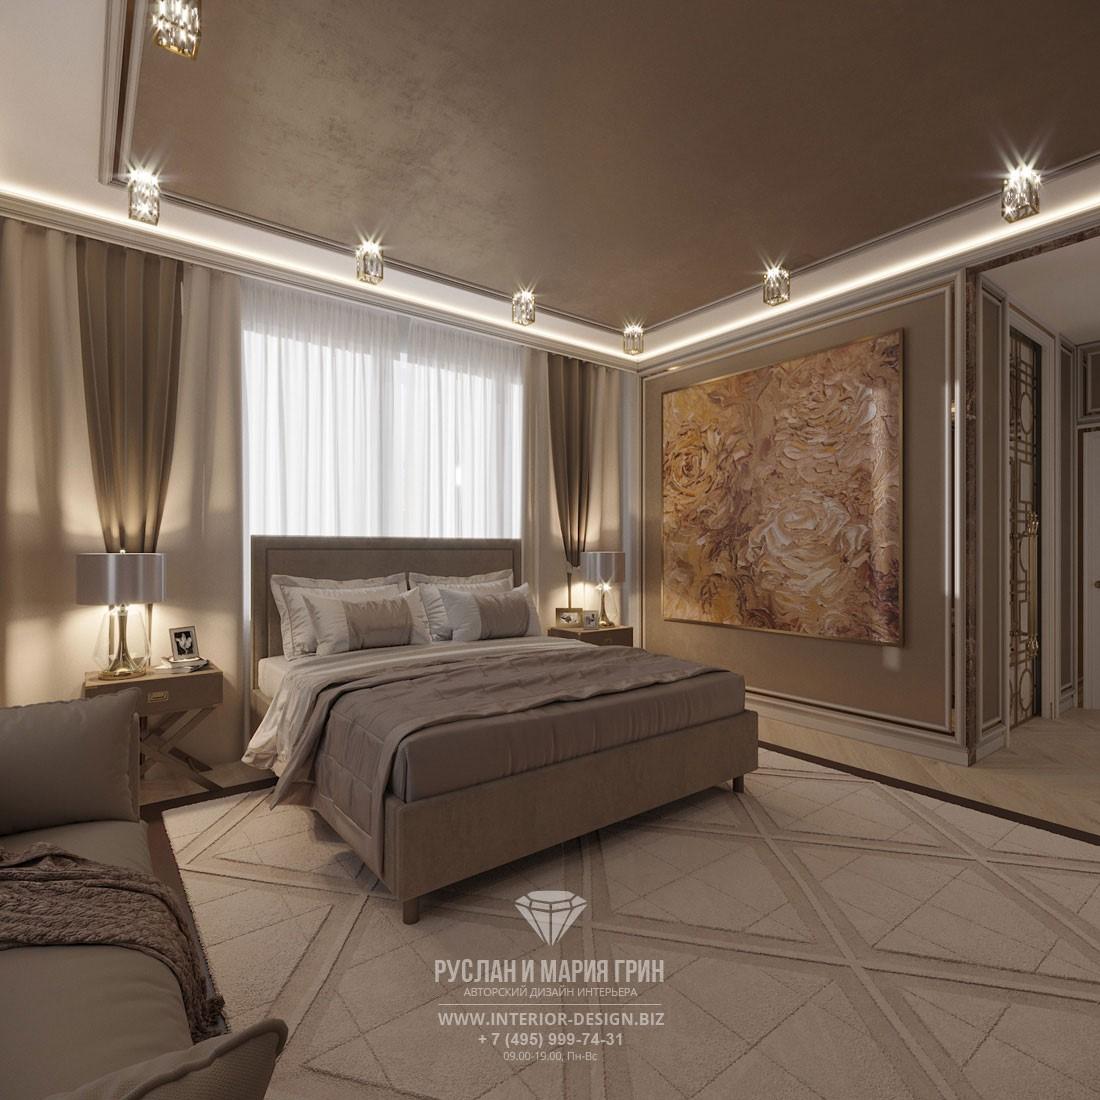 Дизайн лаконичной спальни в светлых тонах с большой картиной